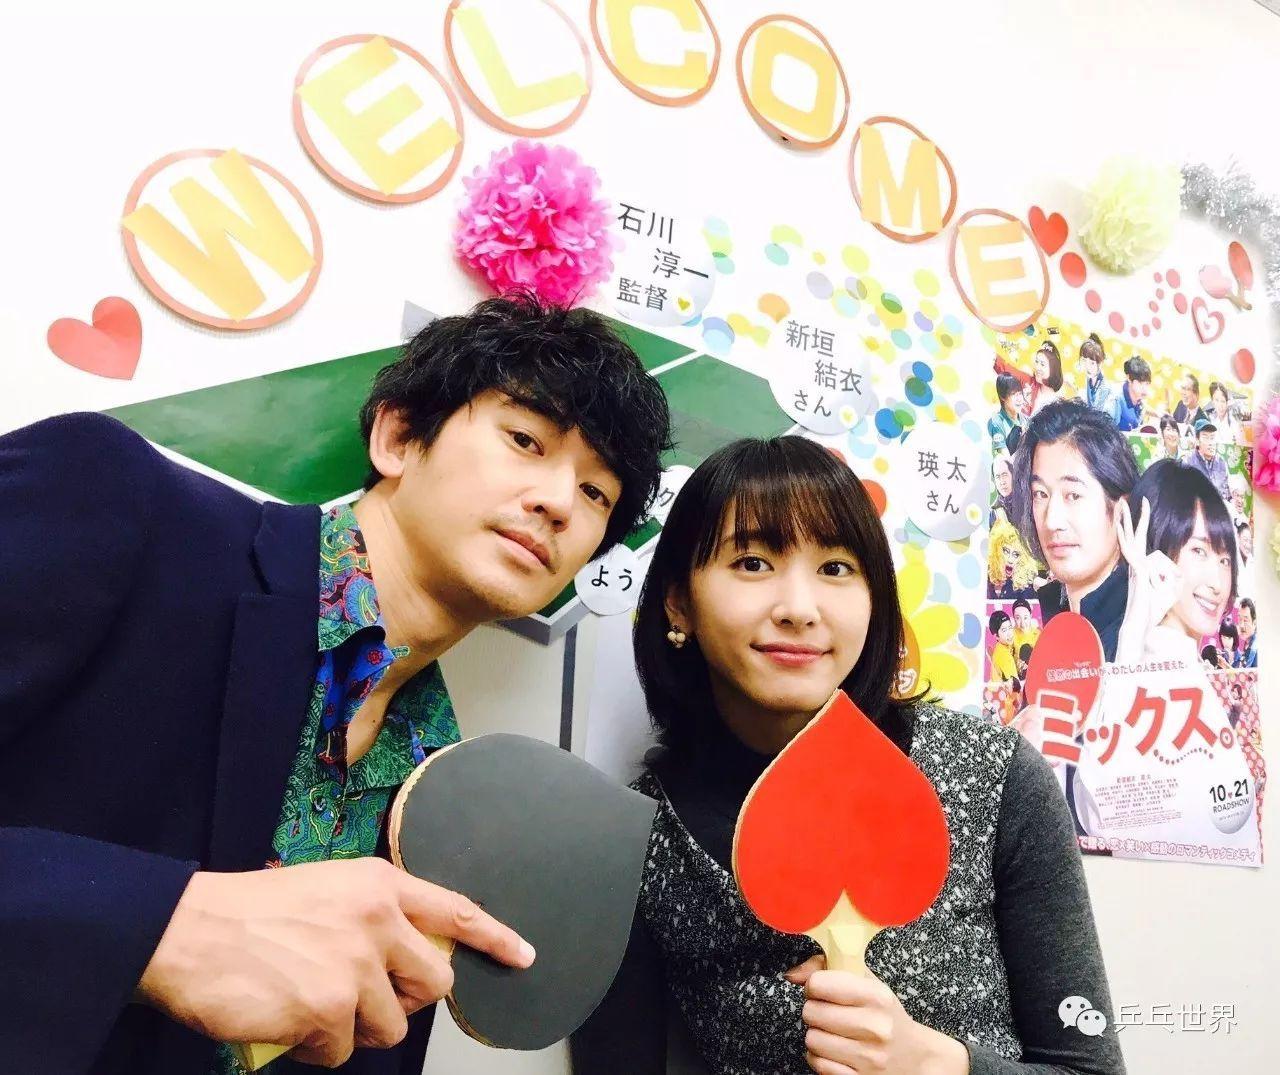 石川佳纯和日本人气演员新垣结衣上演乒乓大对决!『乒乓世界』